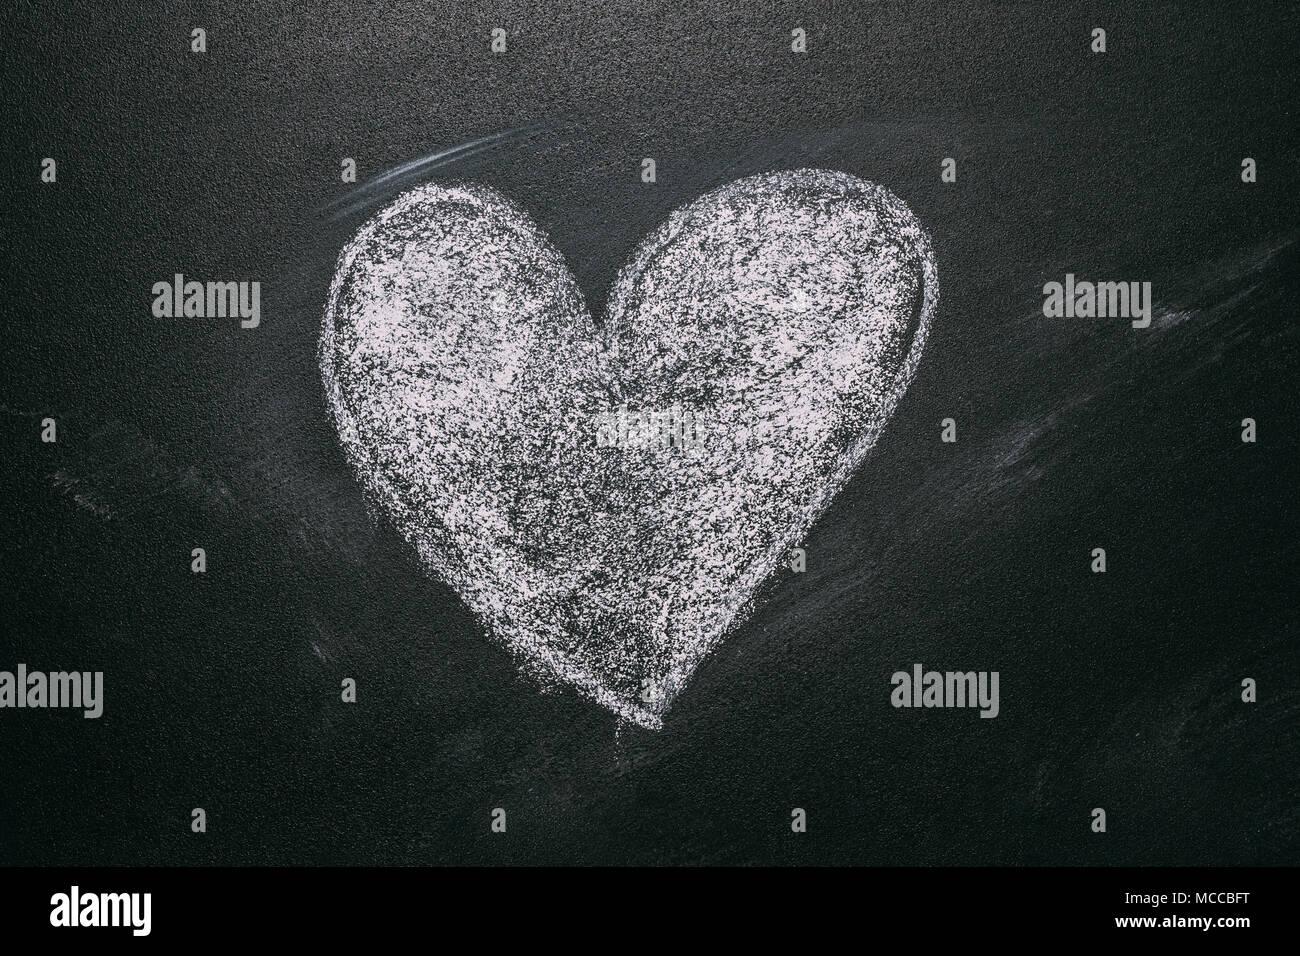 Love Heart Drawing On A School Chalkboard Handwritten Message On A